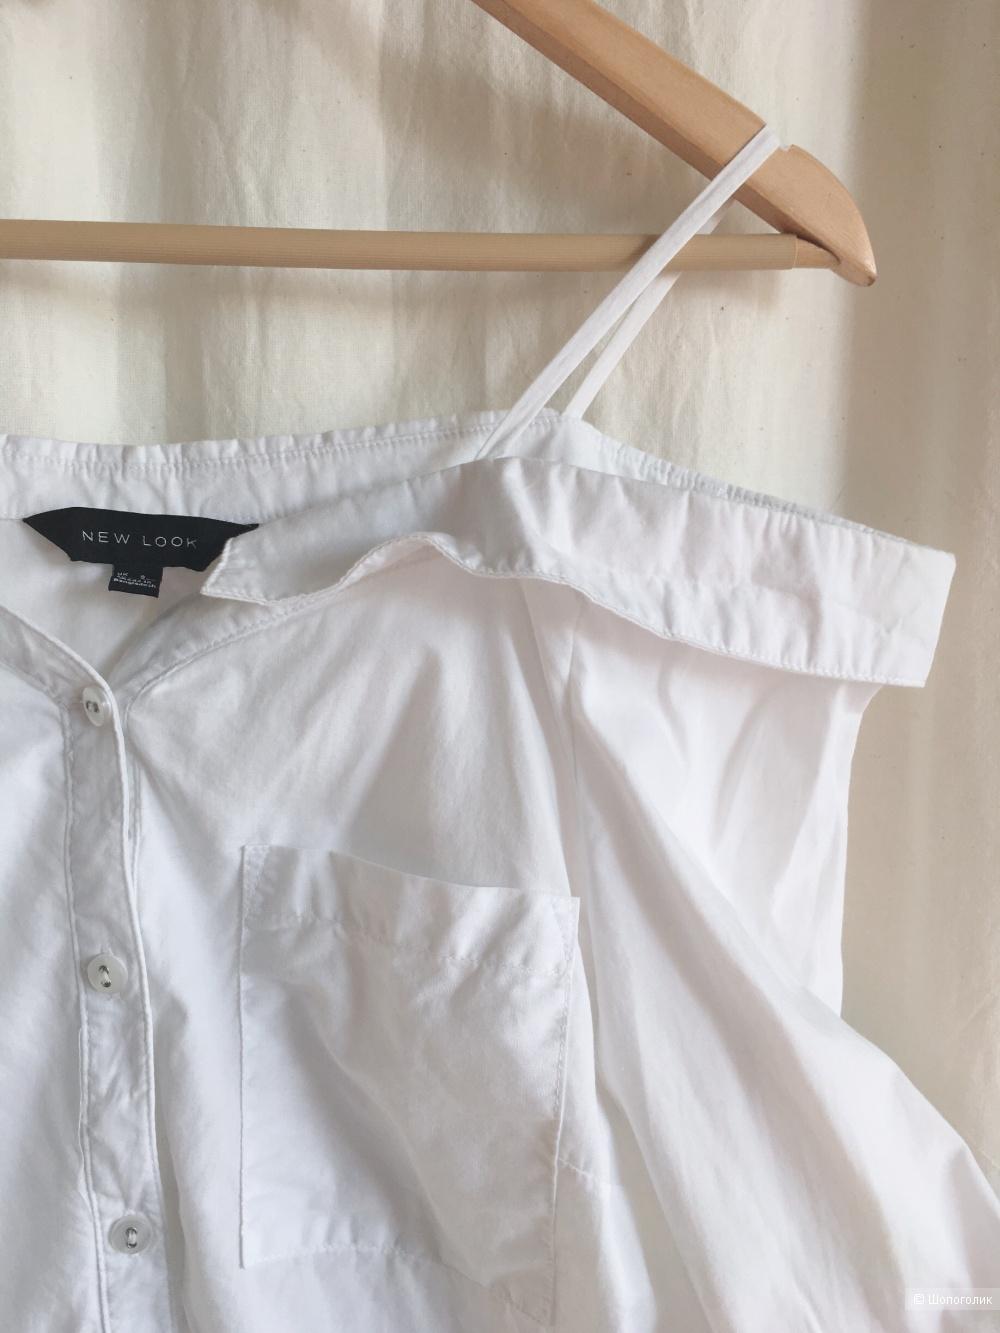 Рубашка New Look. Размер 36.